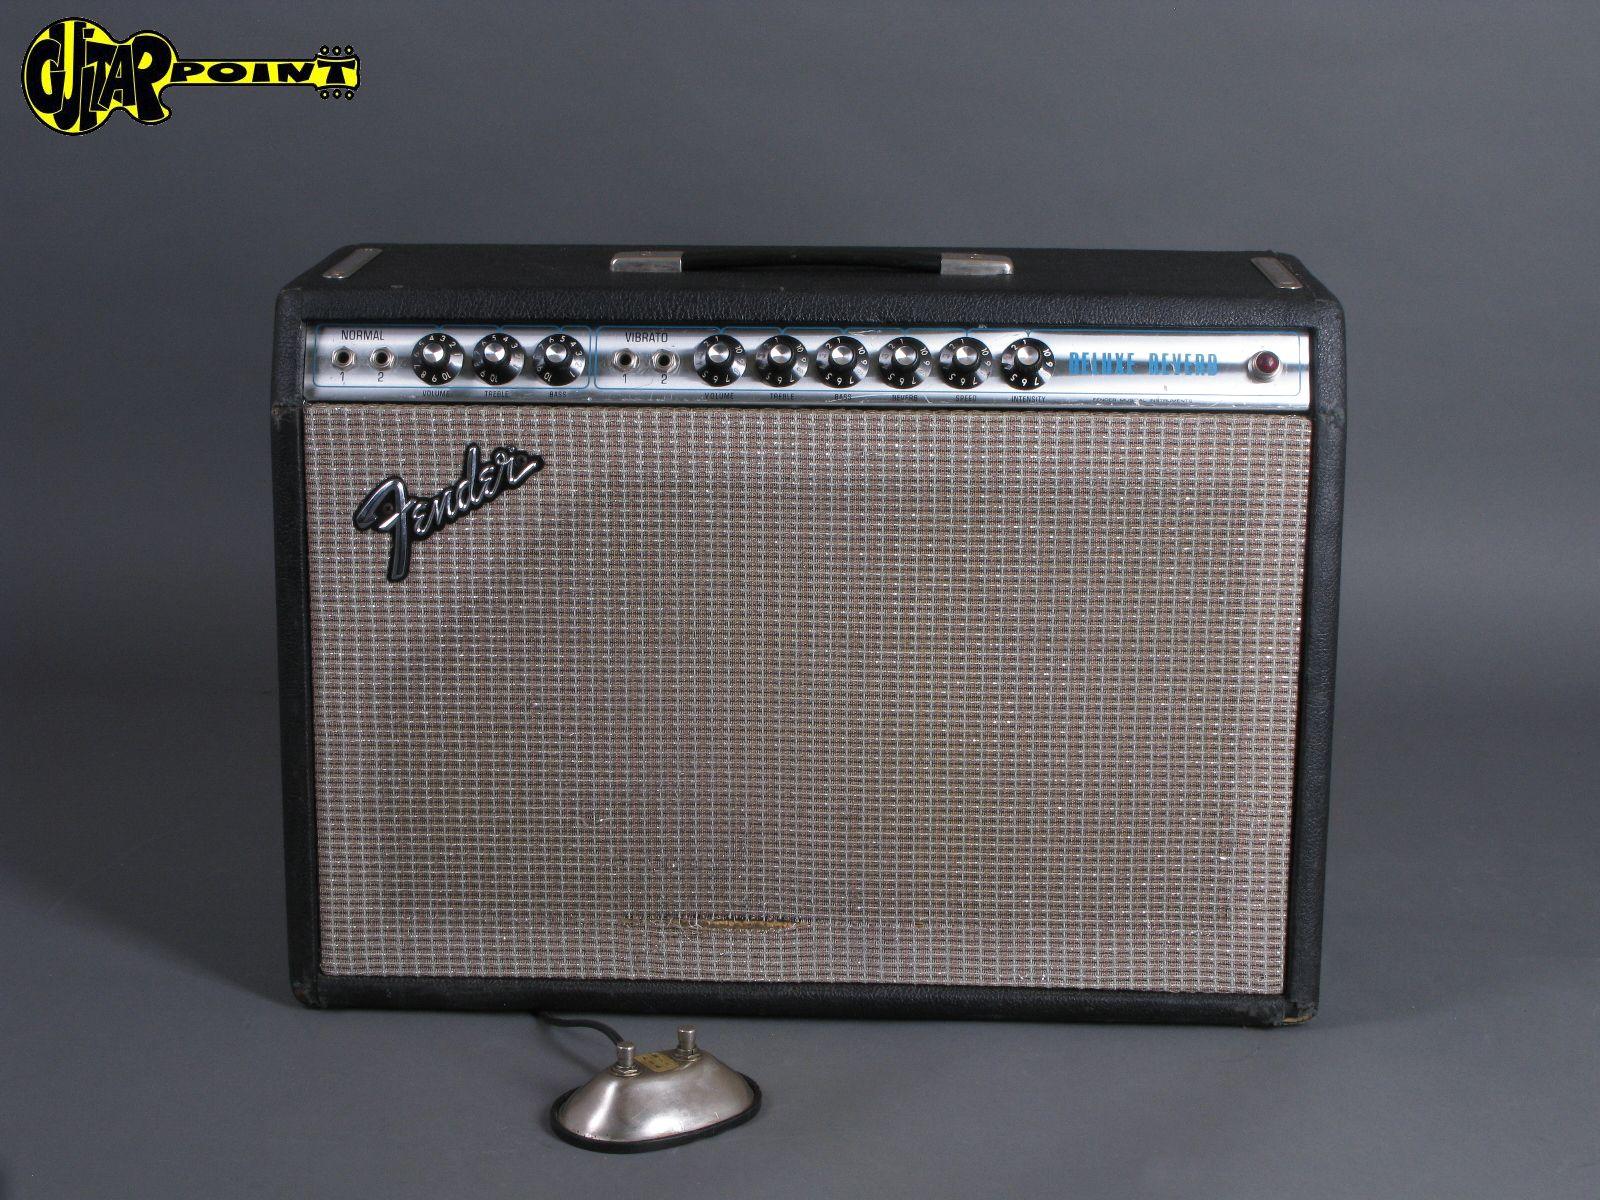 1974 Fender Deluxe Reverb Amp